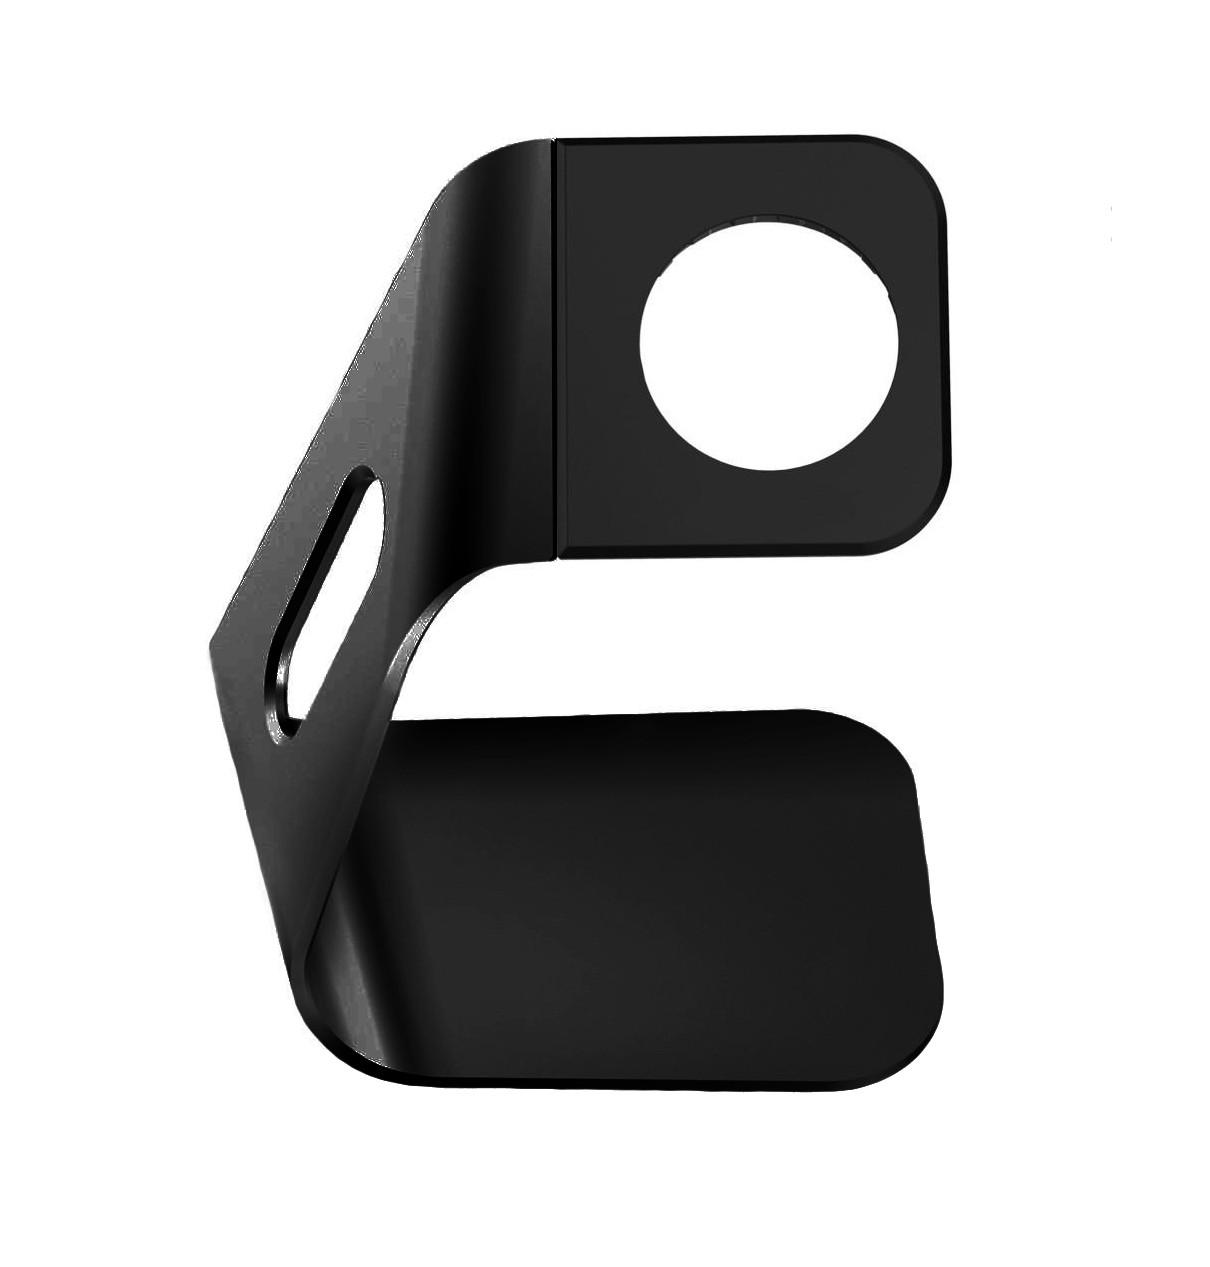 Держатель Exact Stand для Apple Watch Алюминиевый Черный (S330 / Black)